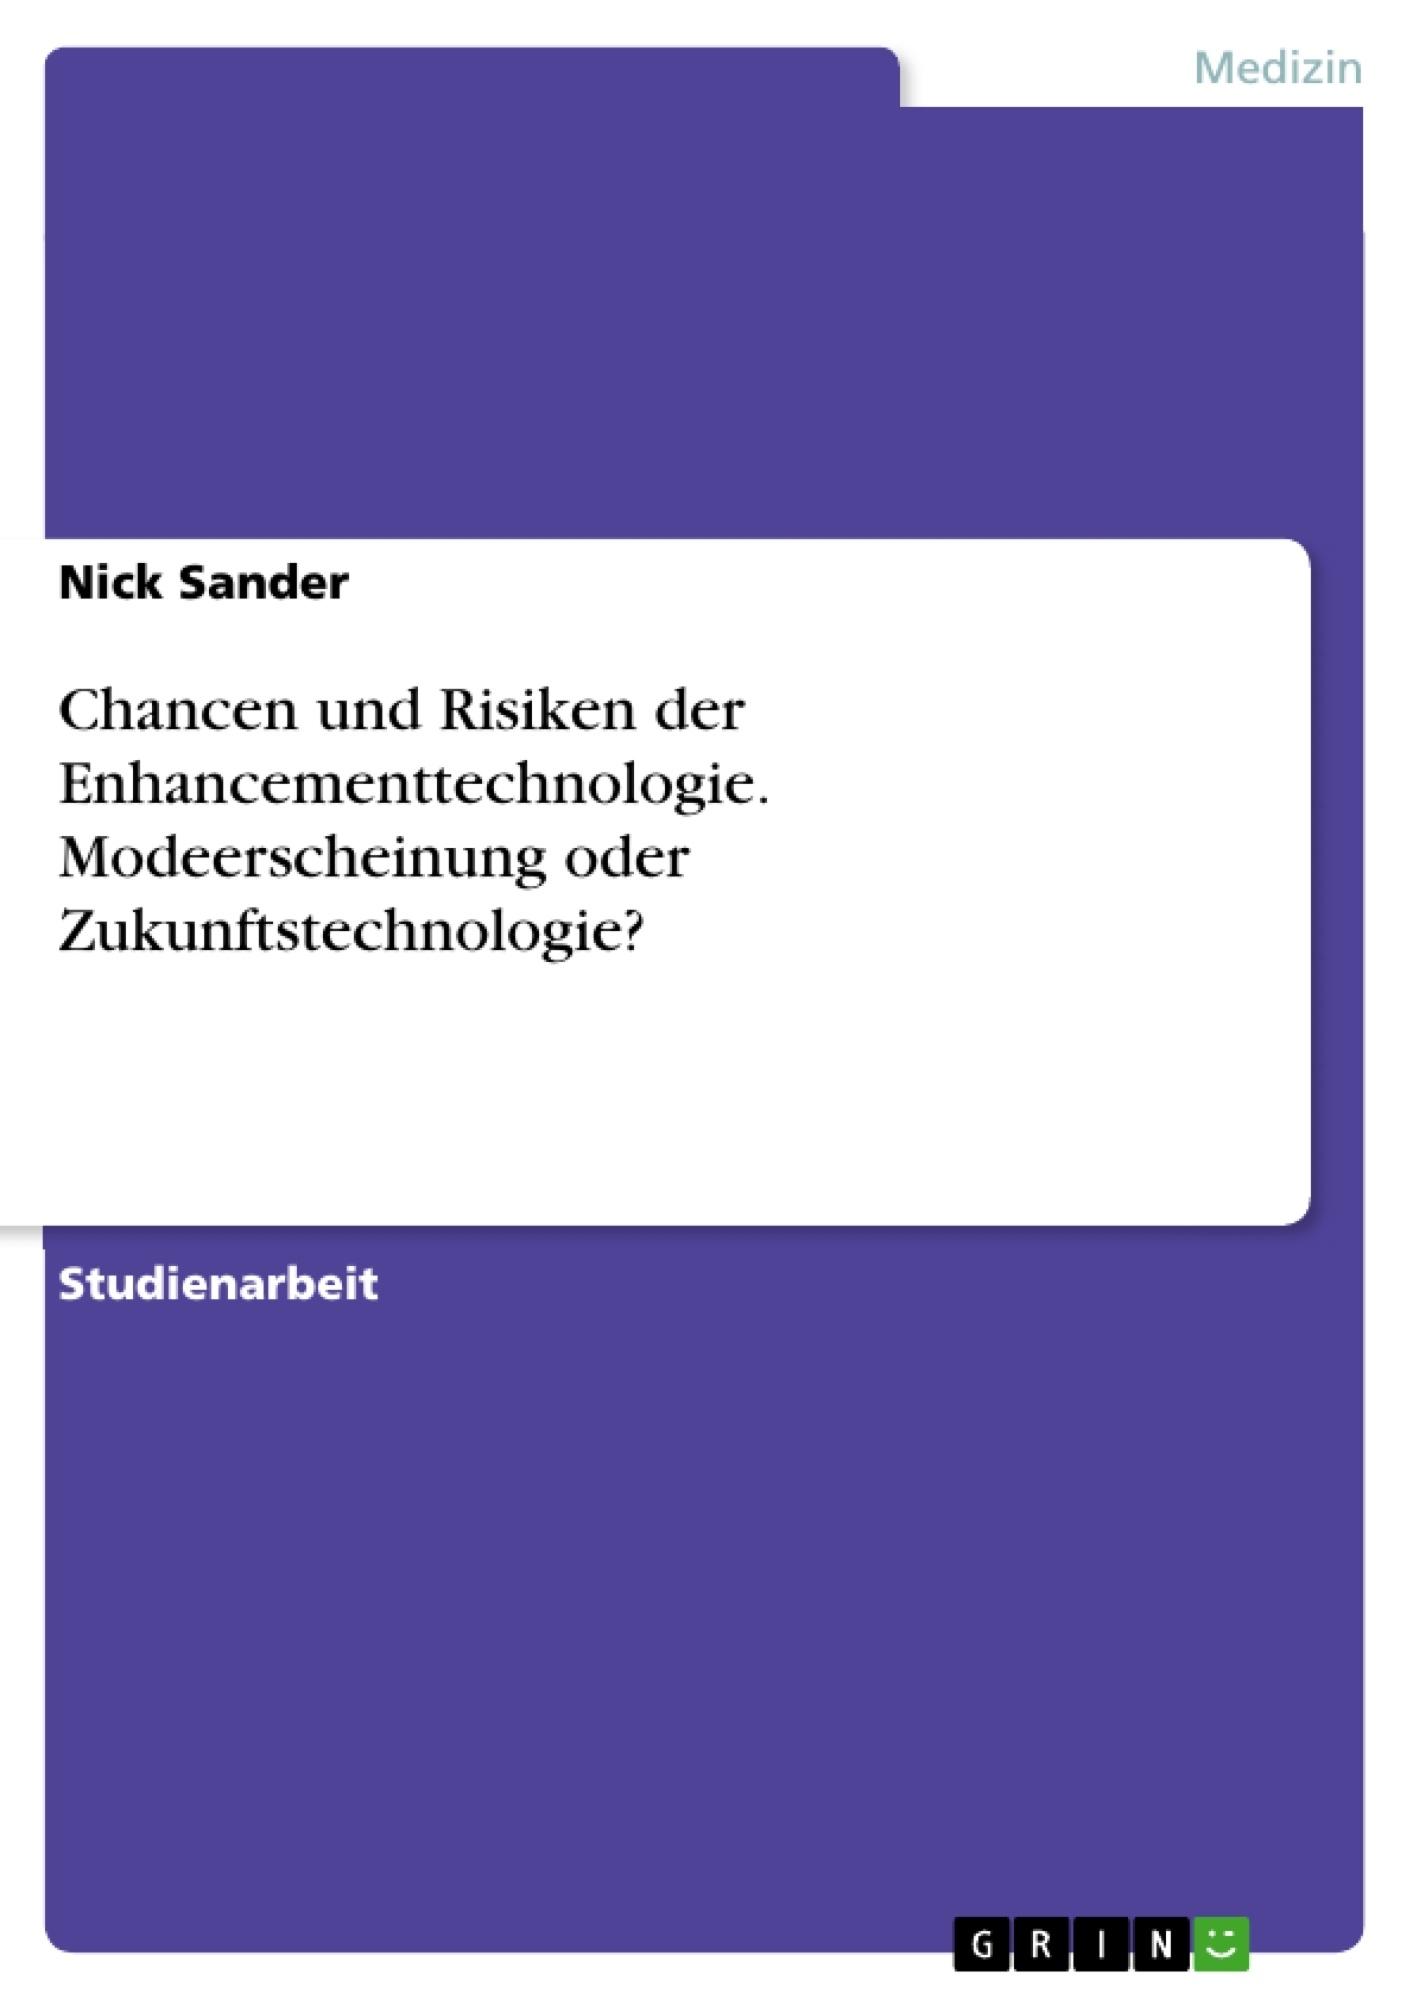 Titel: Chancen und Risiken der Enhancementtechnologie. Modeerscheinung oder Zukunftstechnologie?